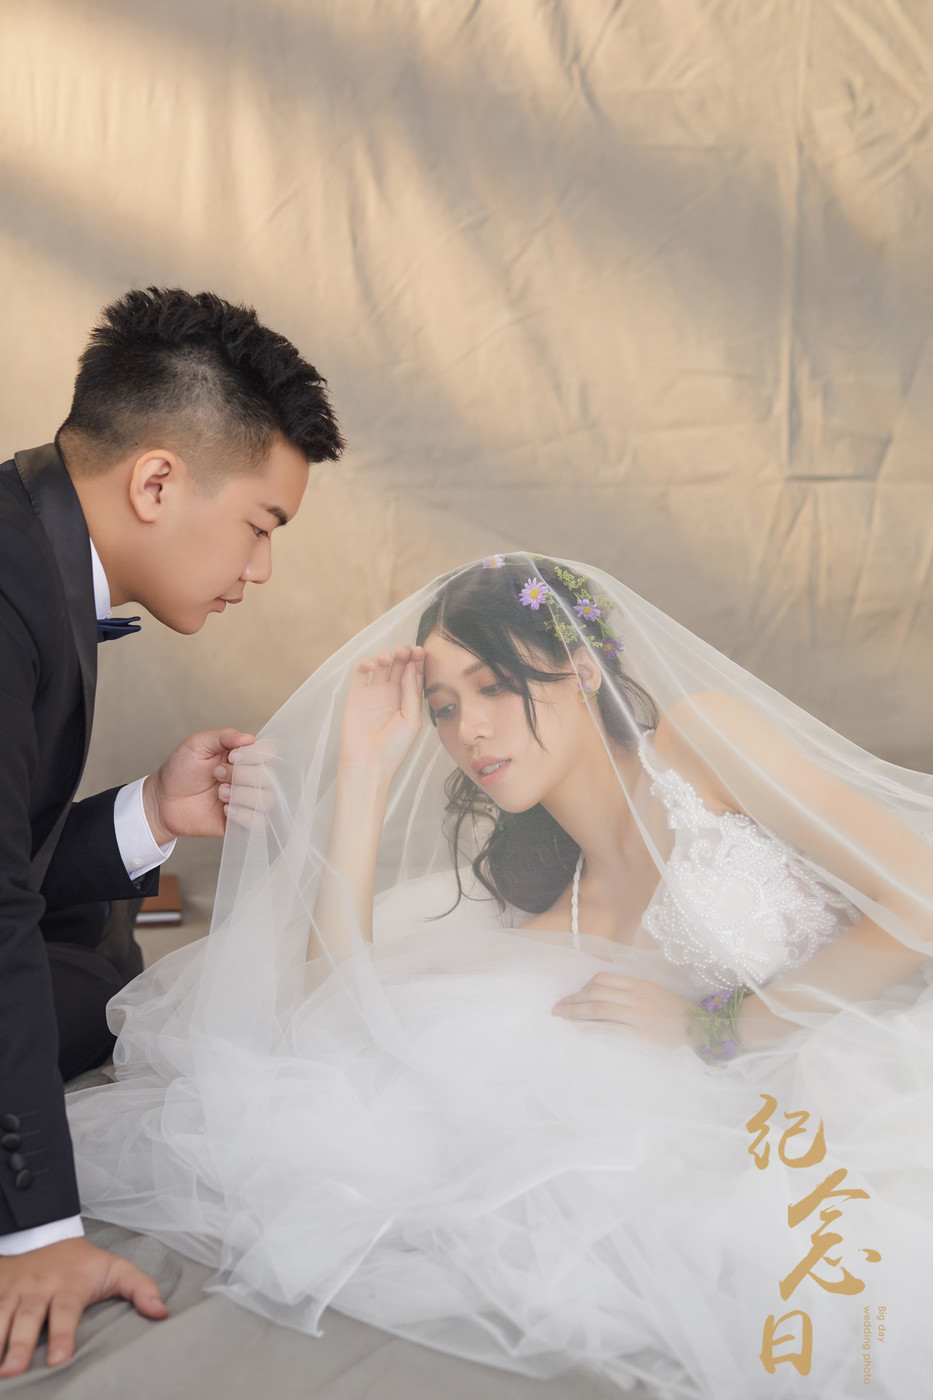 婚纱 | 嘉颖&靖怡9